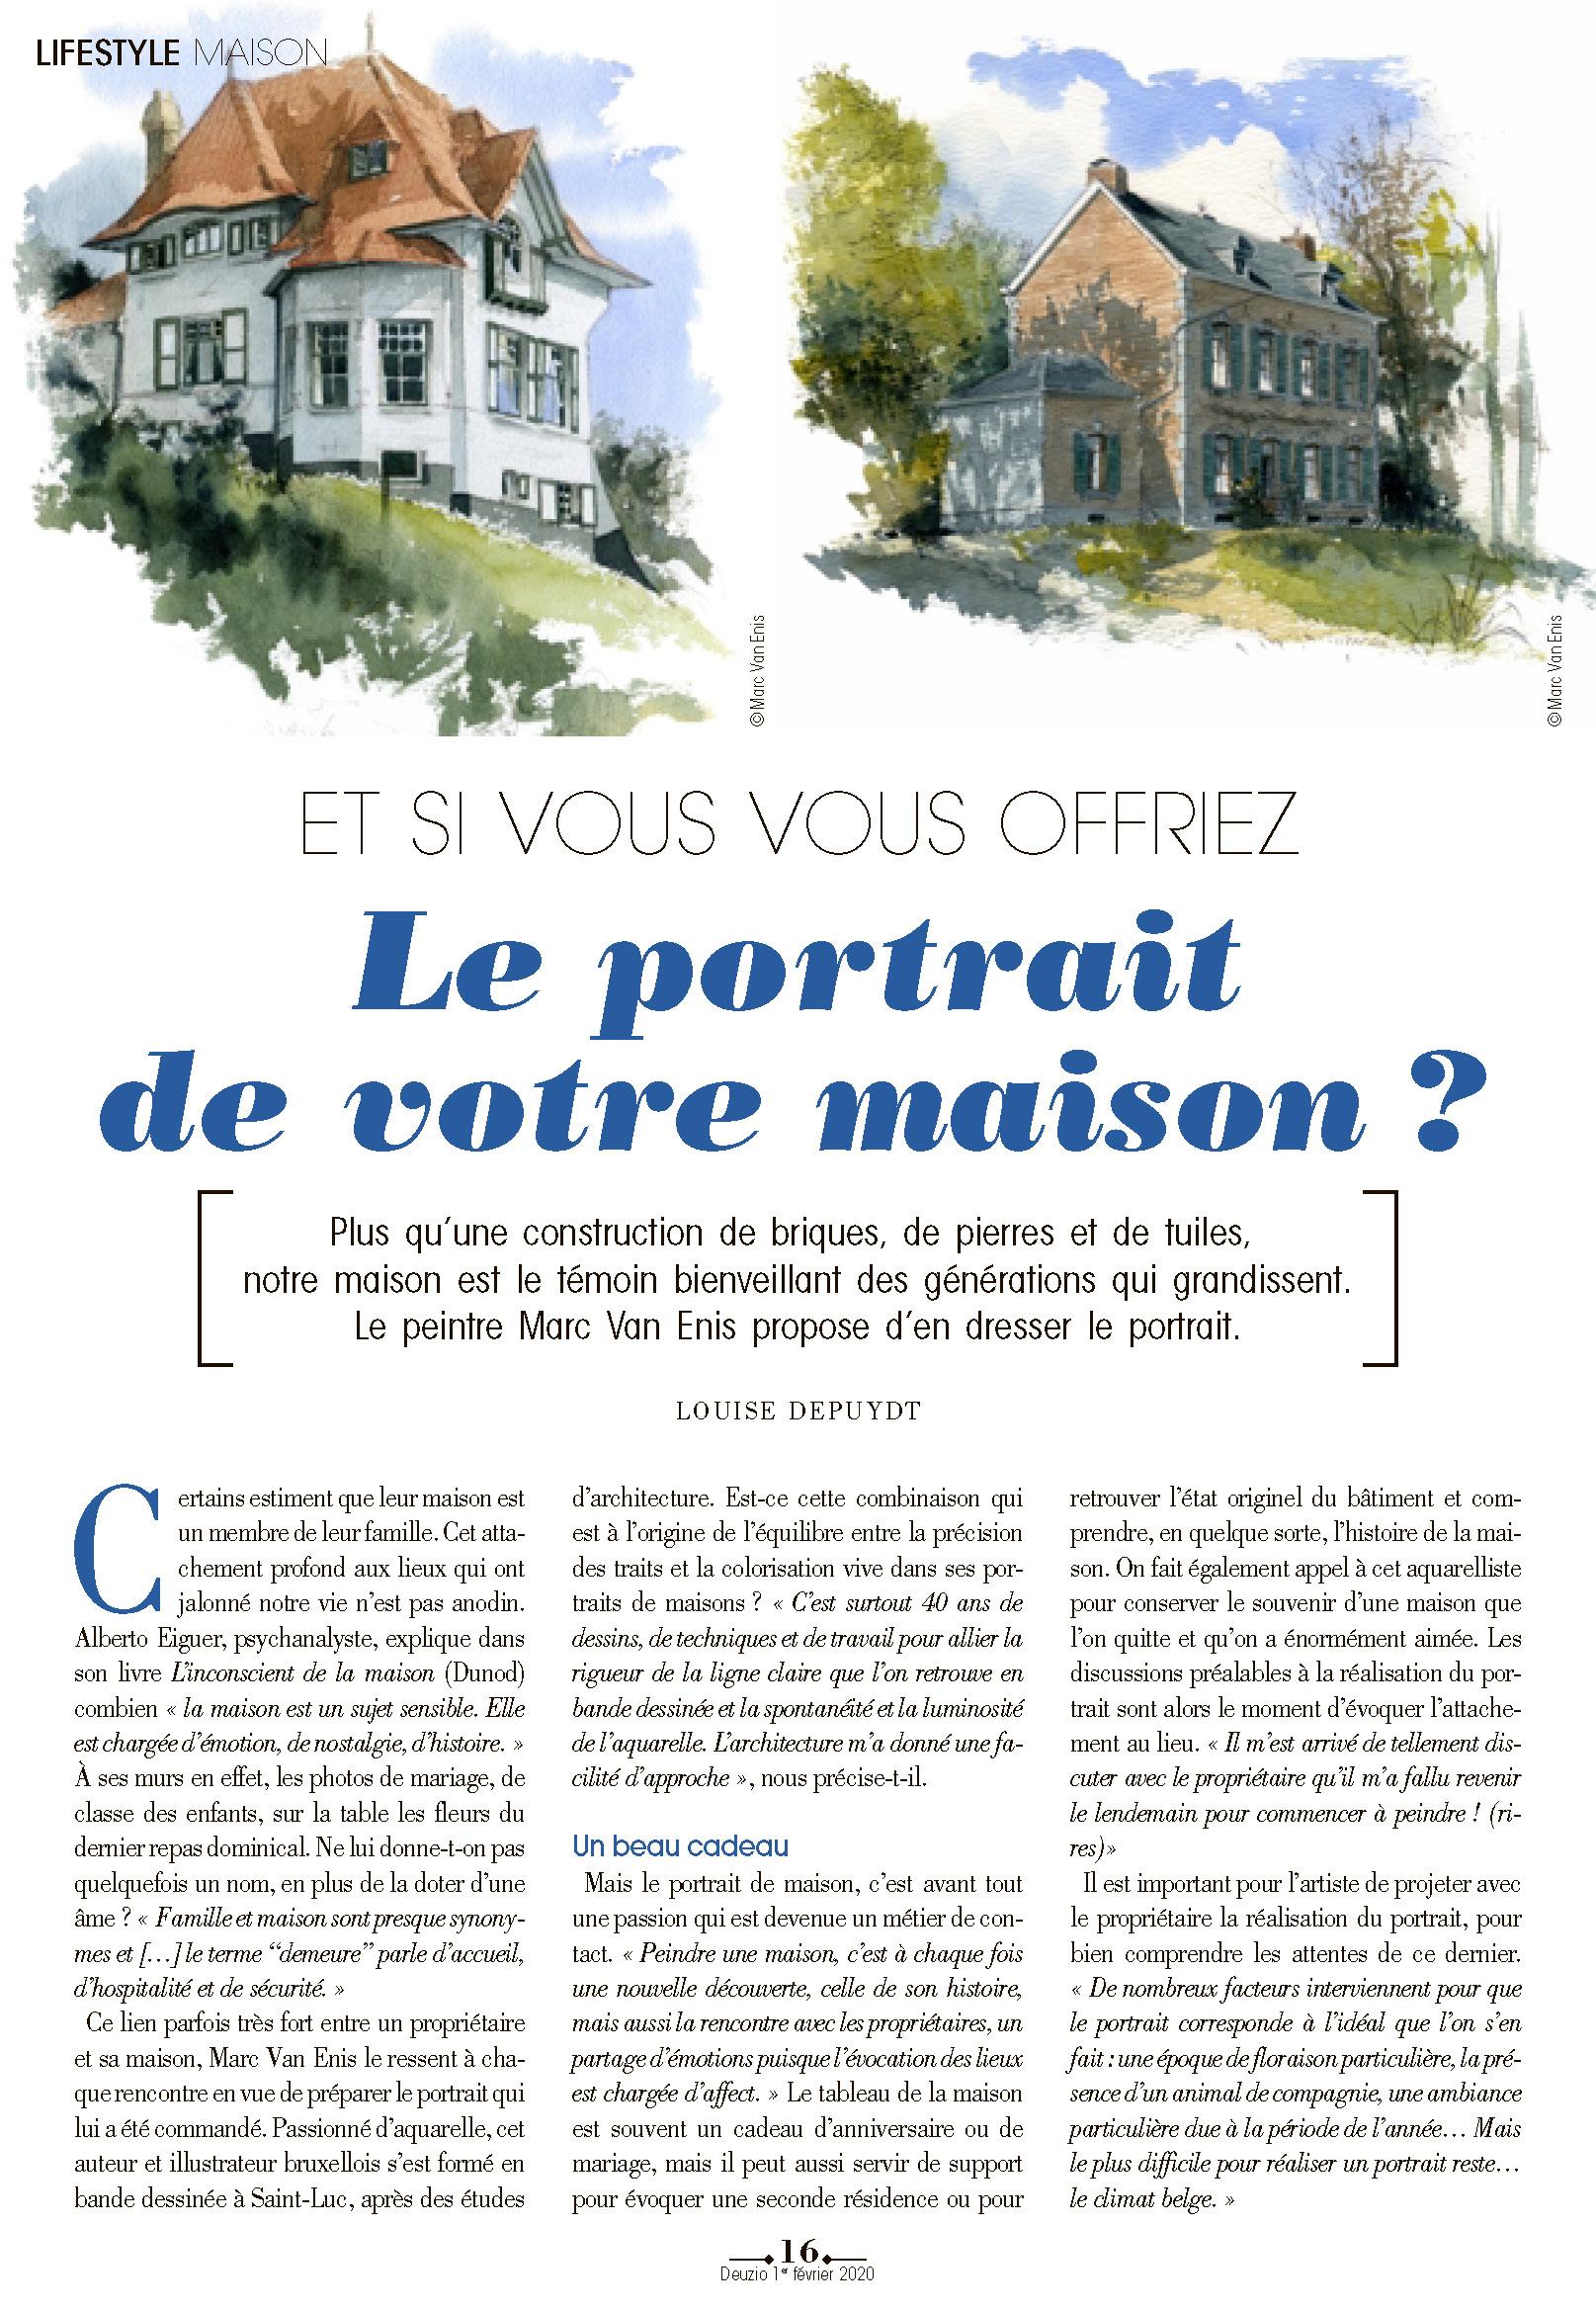 Portrait de maison : votre maison à l'aquarelle